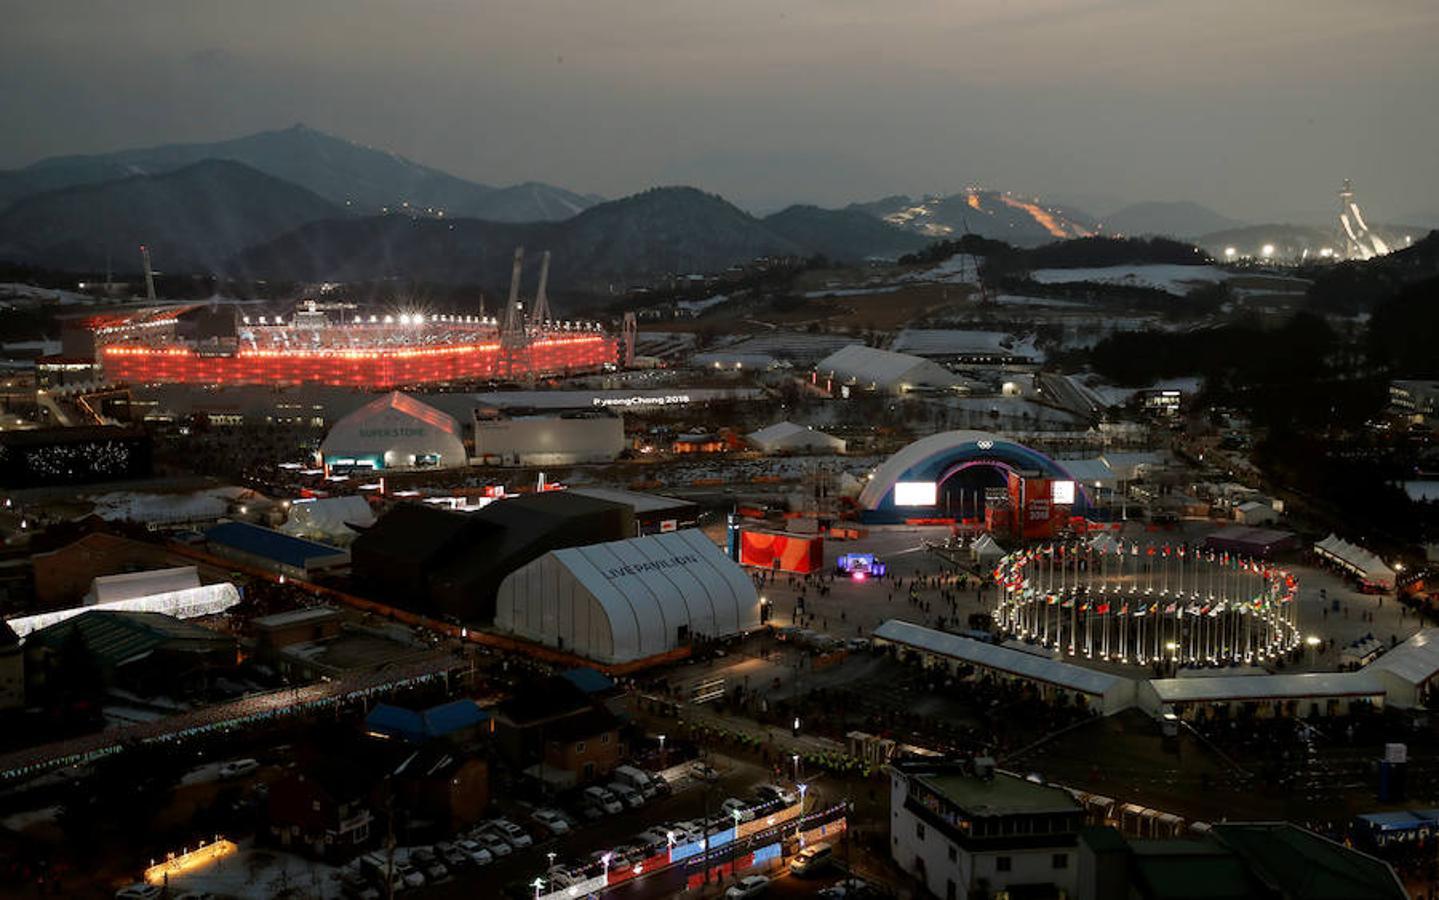 Imagen exterior del estadio de estos Juegos Olímpicos de Invierno 2018 celebrados en Pyeongchang